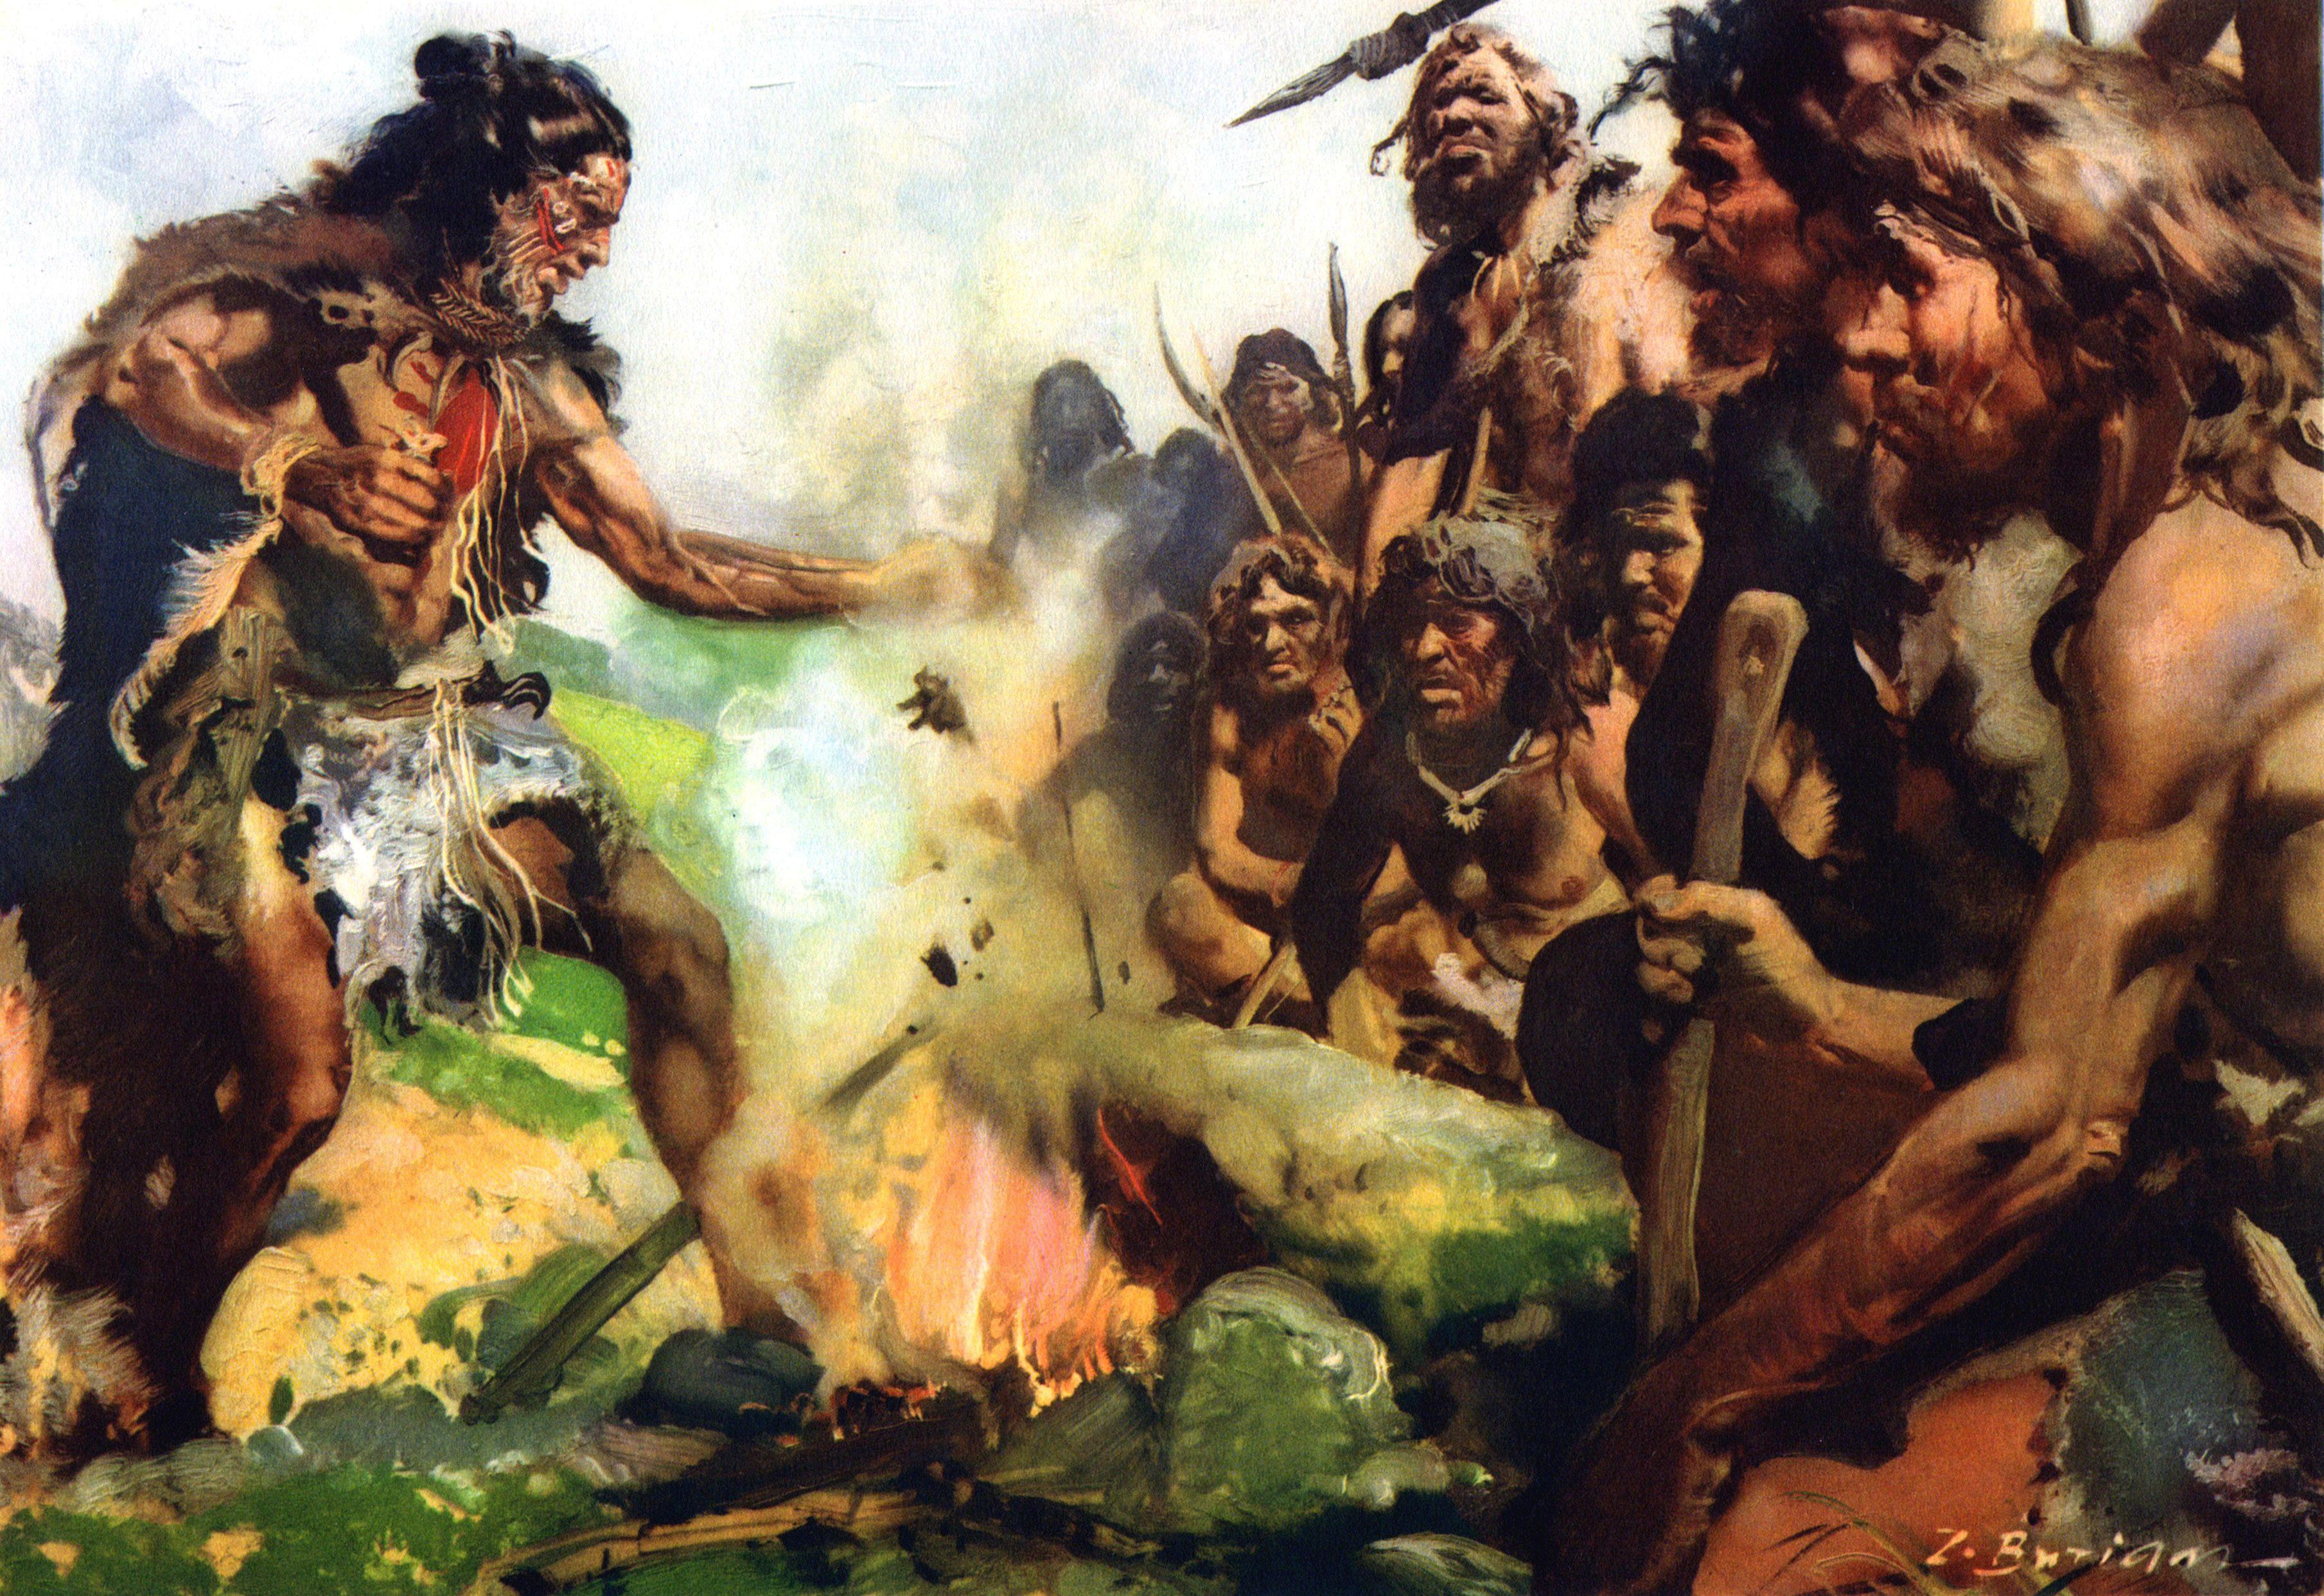 Magic Rites Upper Paleolithic Zdenek Burian Jpg 3618 2484 Prahistorisches Fruhgeschichte Steinzeit